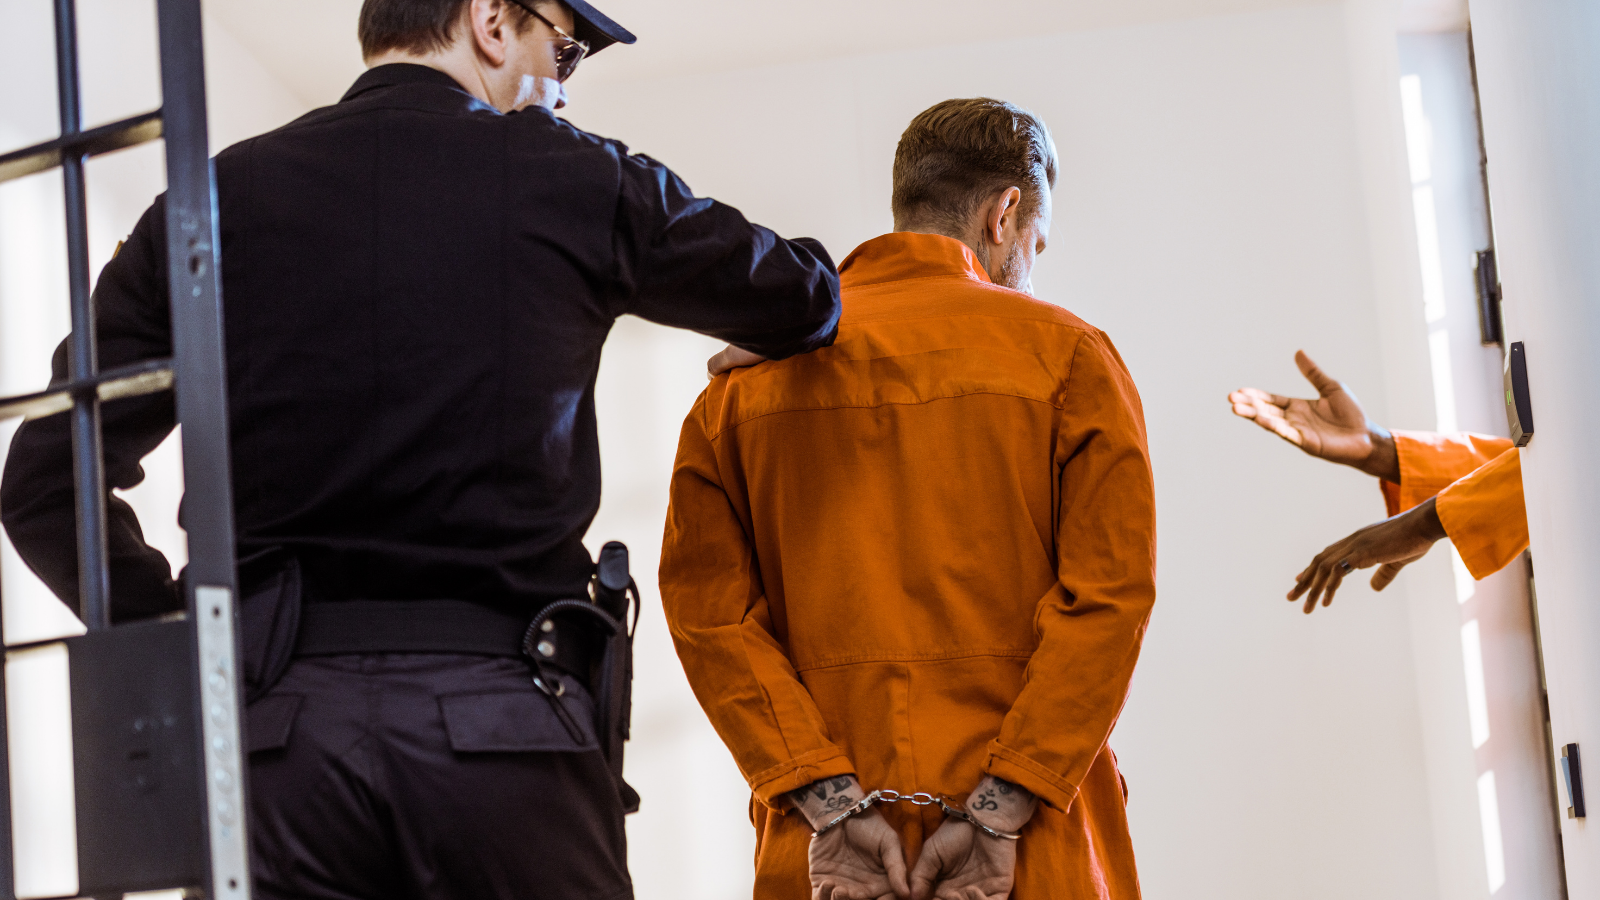 Kejari Gelar Pemusnahan Barang Bukti Kriminal 150 Kasus di Hari Bhakti Adhyaksa Ke-61